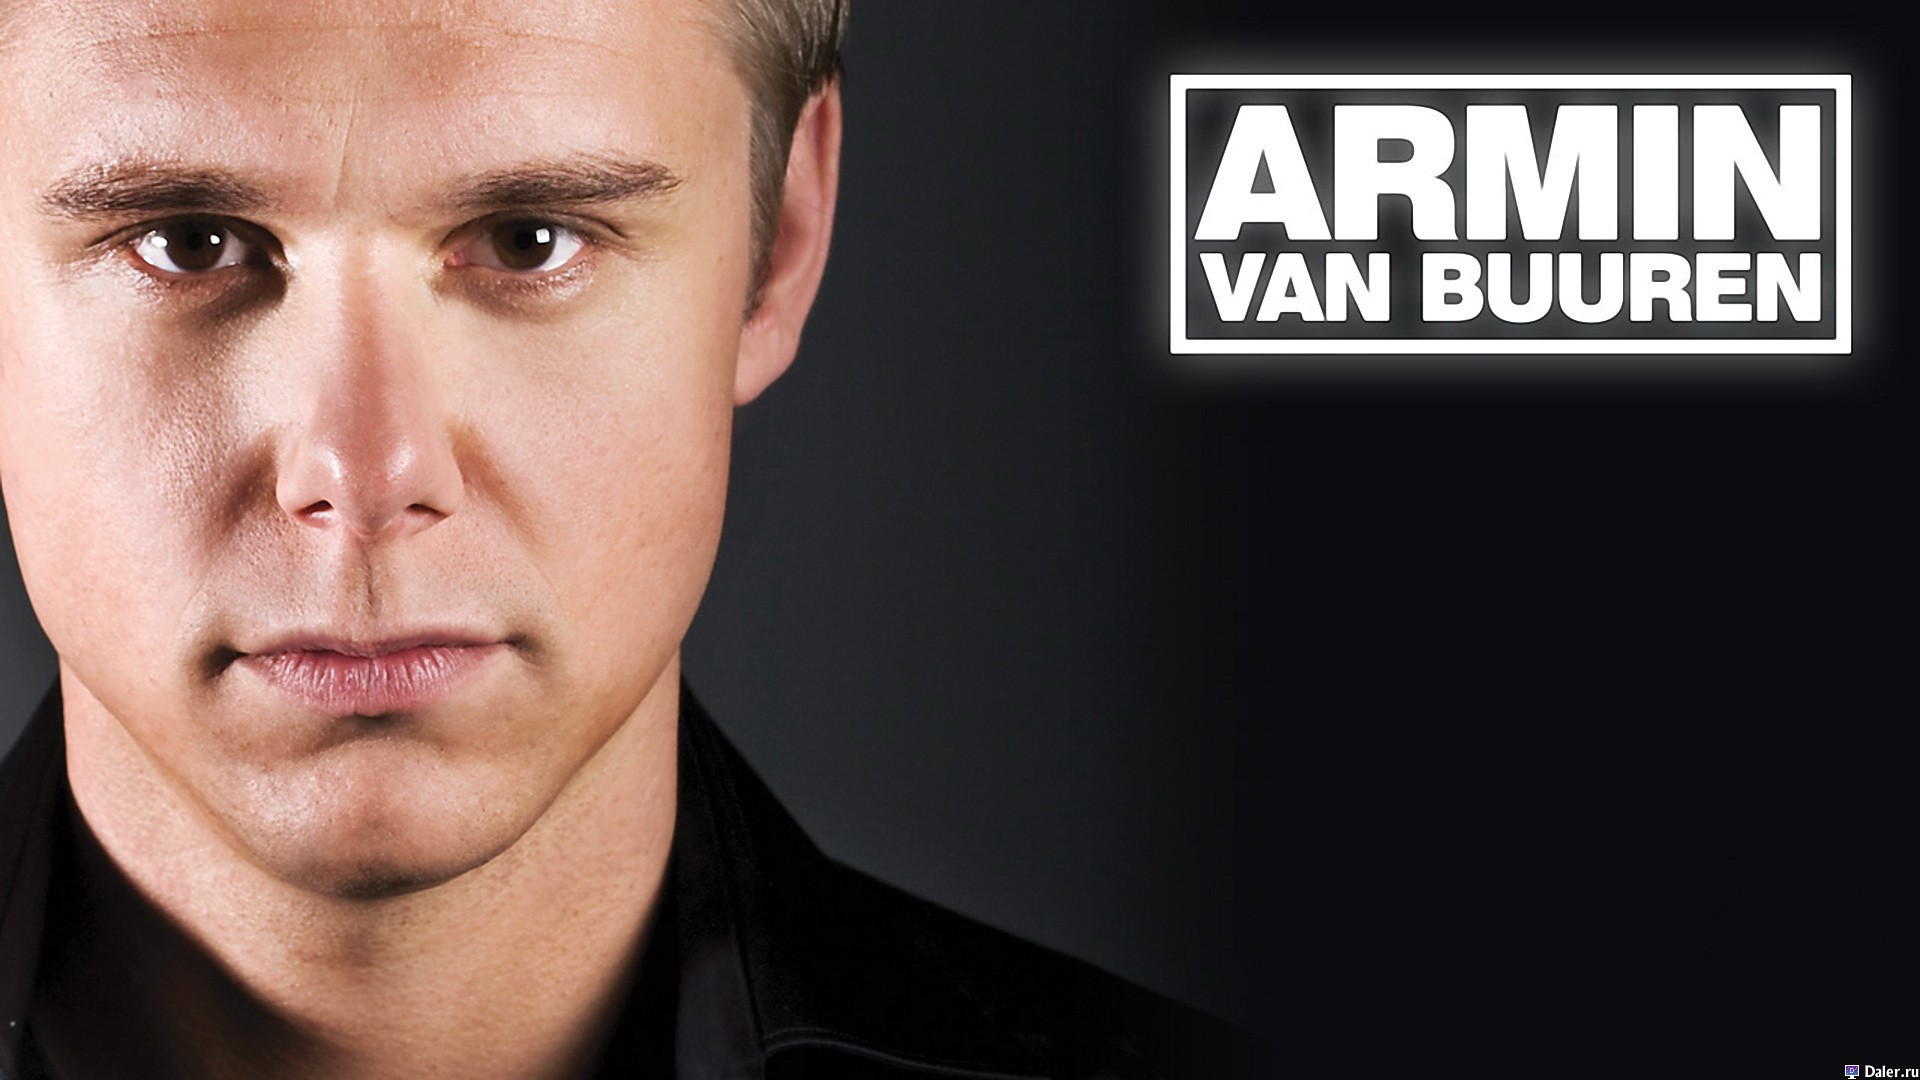 Armin Van Buuren Images